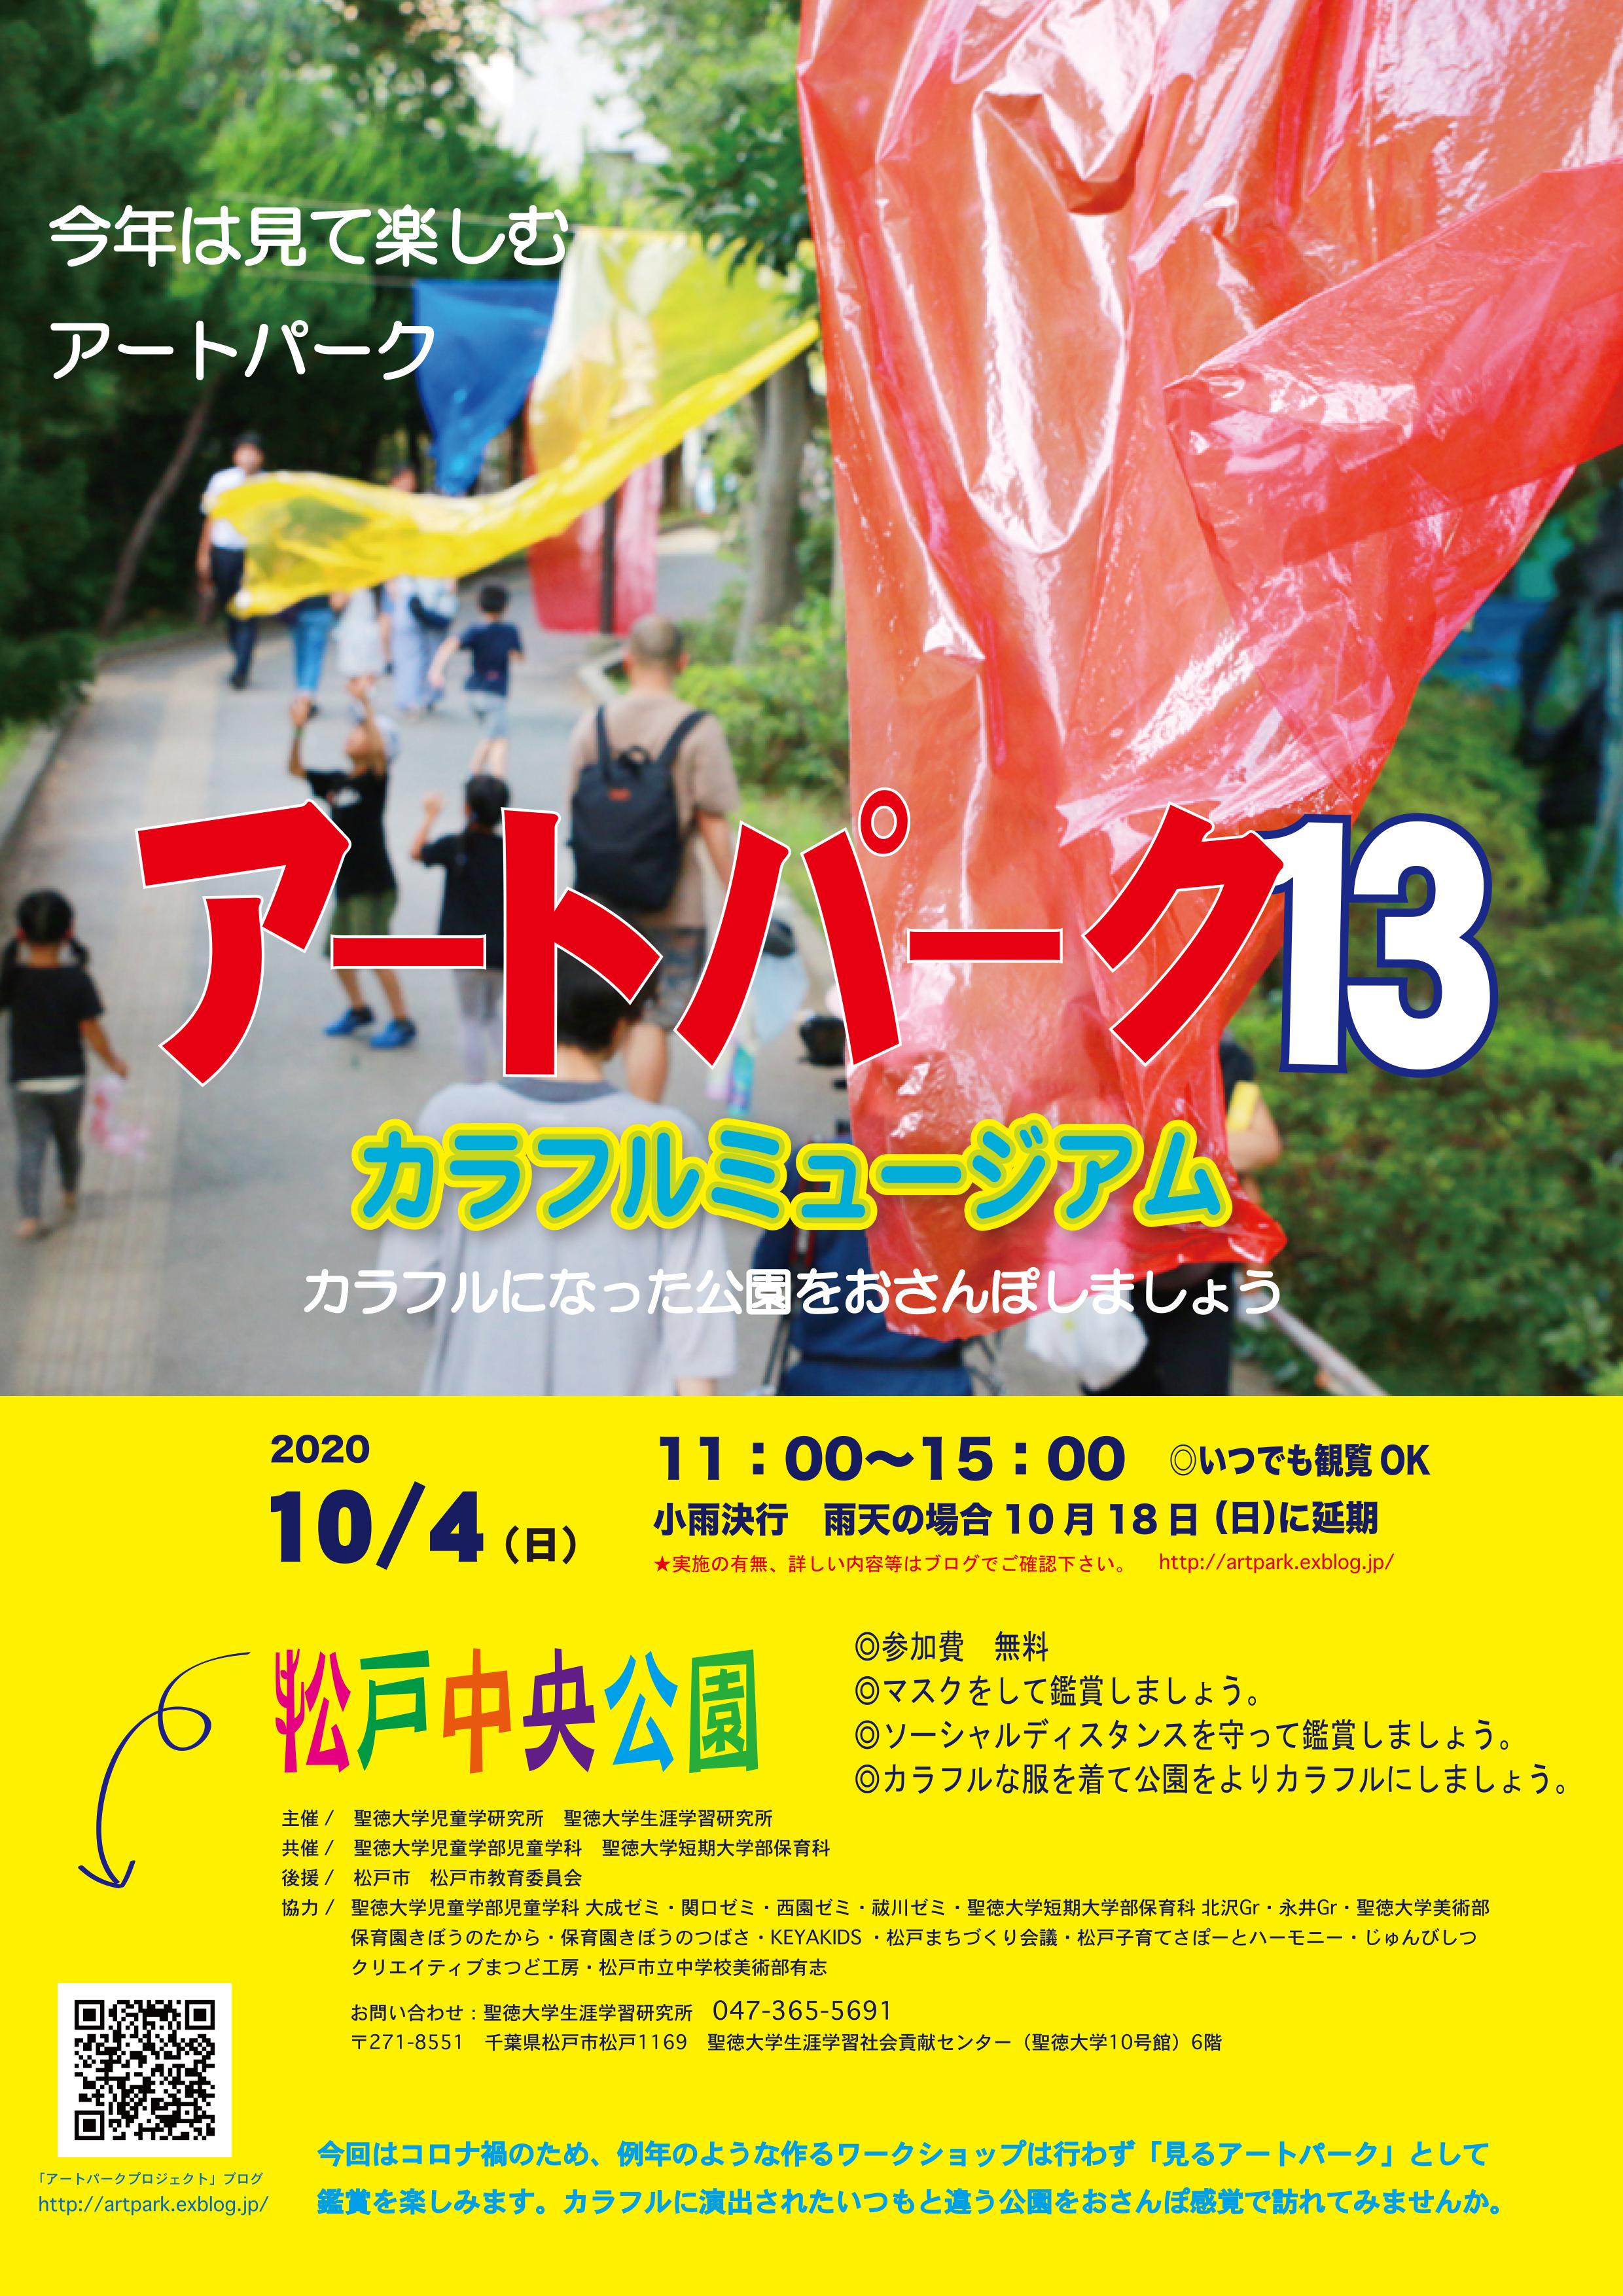 聖徳大学が10月4日に「アートパーク13 ~カラフルミュージアム~」を開催 -- 親子でカラフルな服を着て、色とりどりの作品が飾られた公園を散歩しよう!